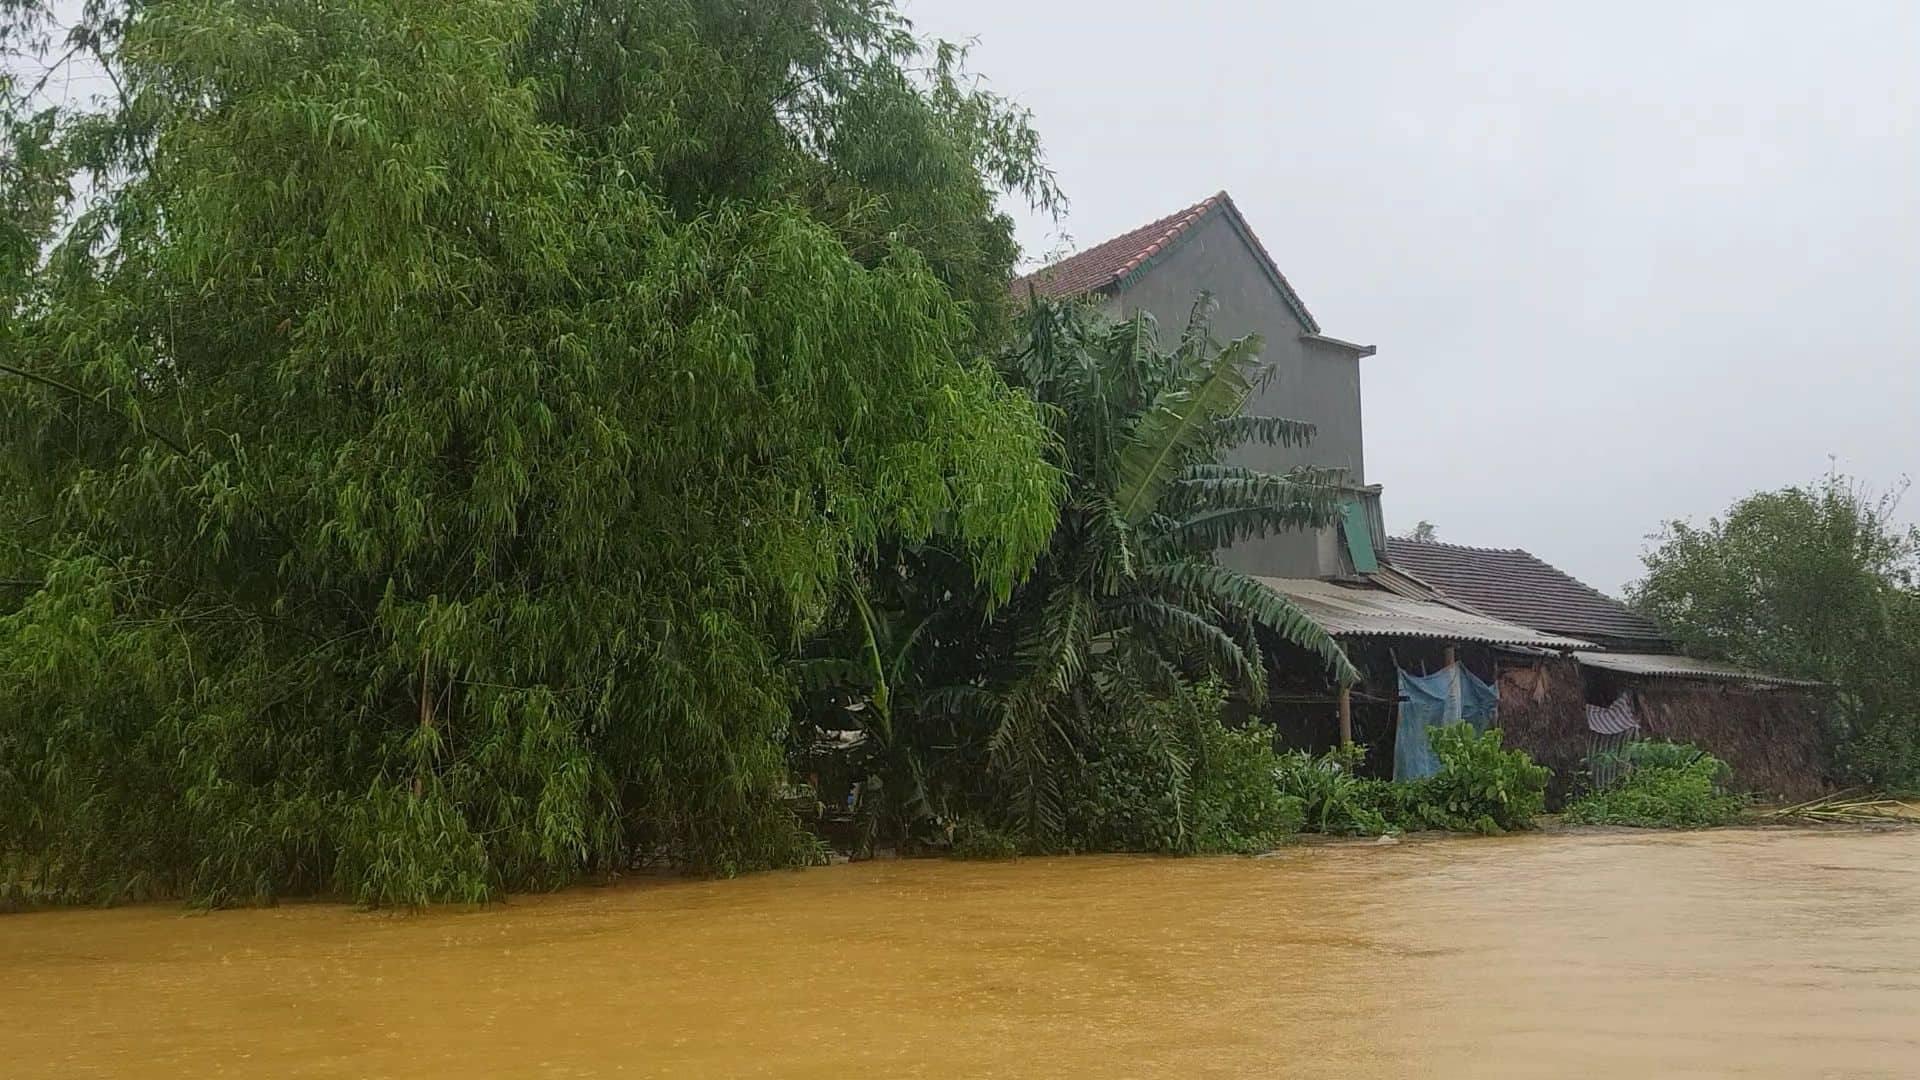 Mưa lũ kinh hoàng tại Hà Tĩnh: Nhà ngập đến tận nóc, người dân khốn khổ sống cô lập trong biển nước-1